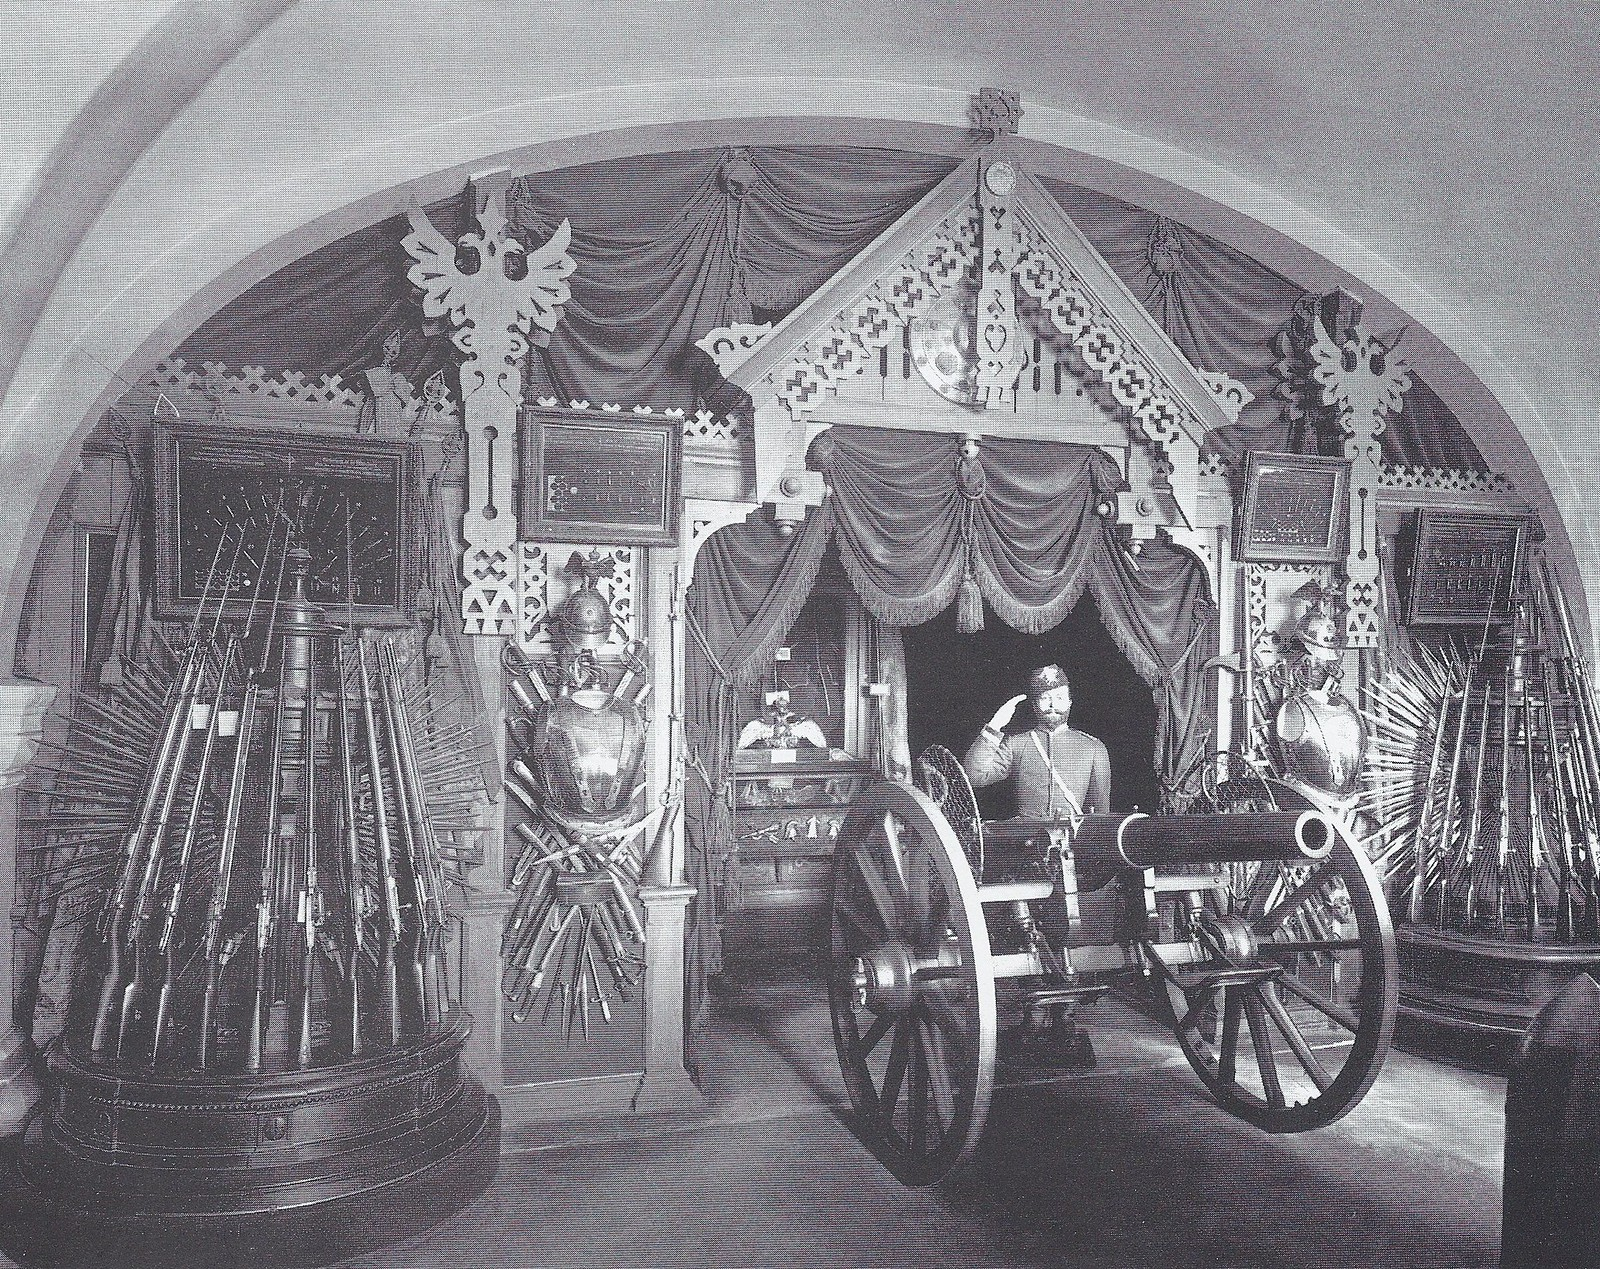 1903. Артиллерийский музей. Экспозиция Русского зала